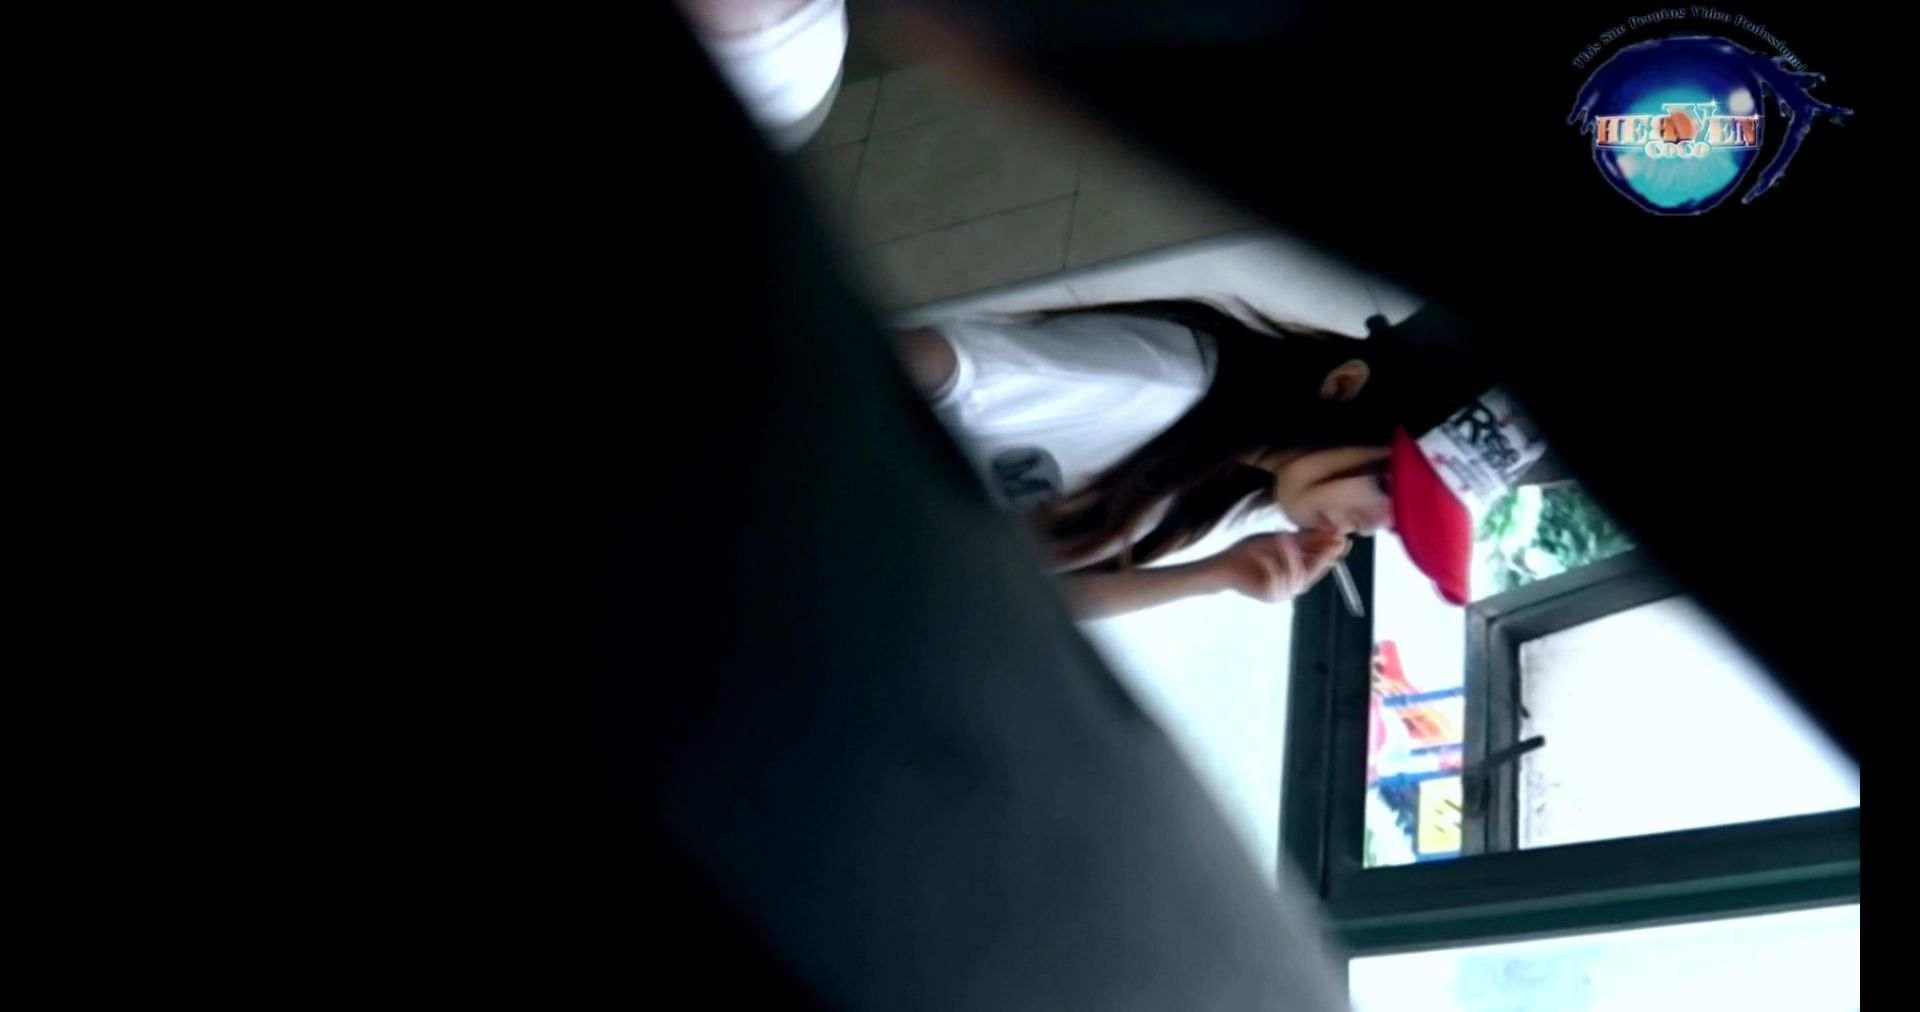 世界の射窓から~ステーション編~vol.36 無料動画に登場したトップクラスモデル本番へ 0  80pic 6